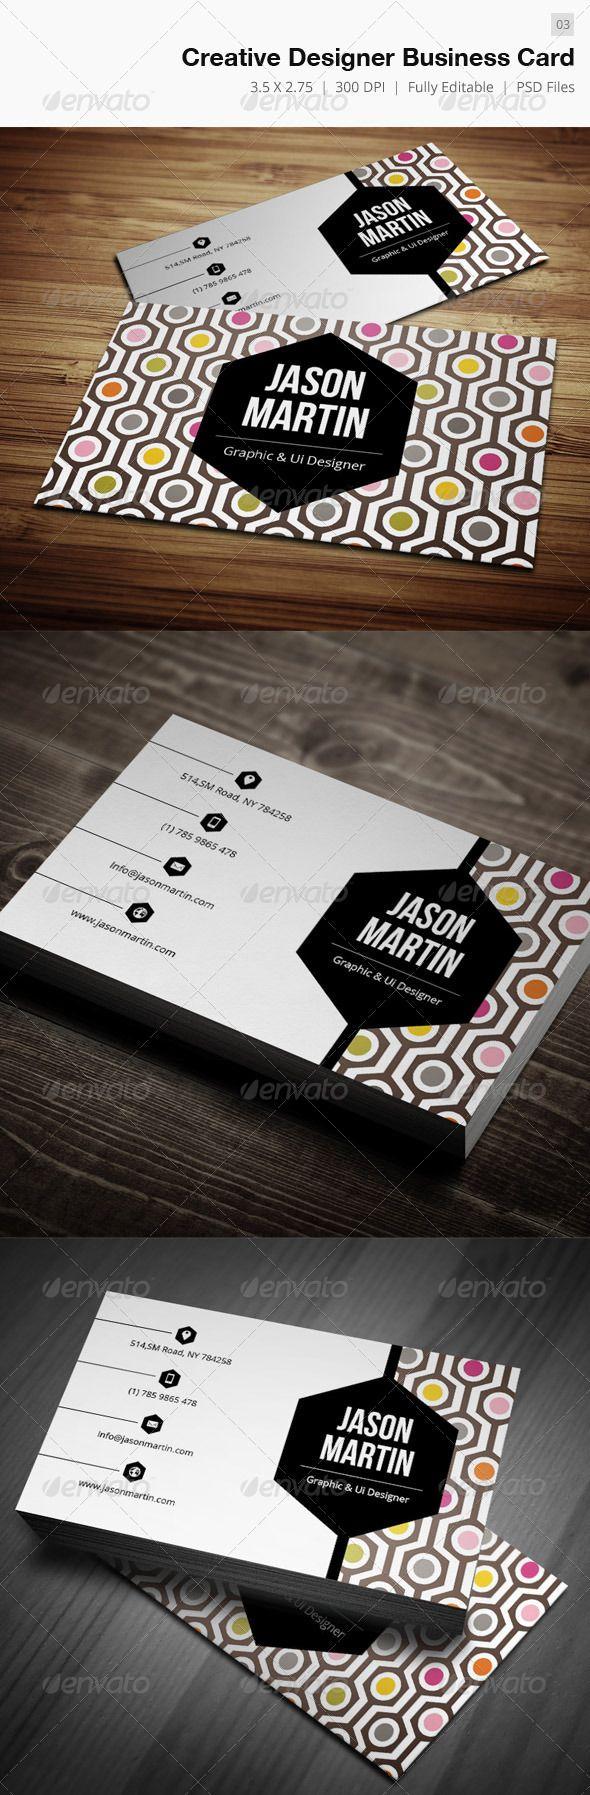 Creative Designer Business Card - 03 | Find fonts, Business cards ...